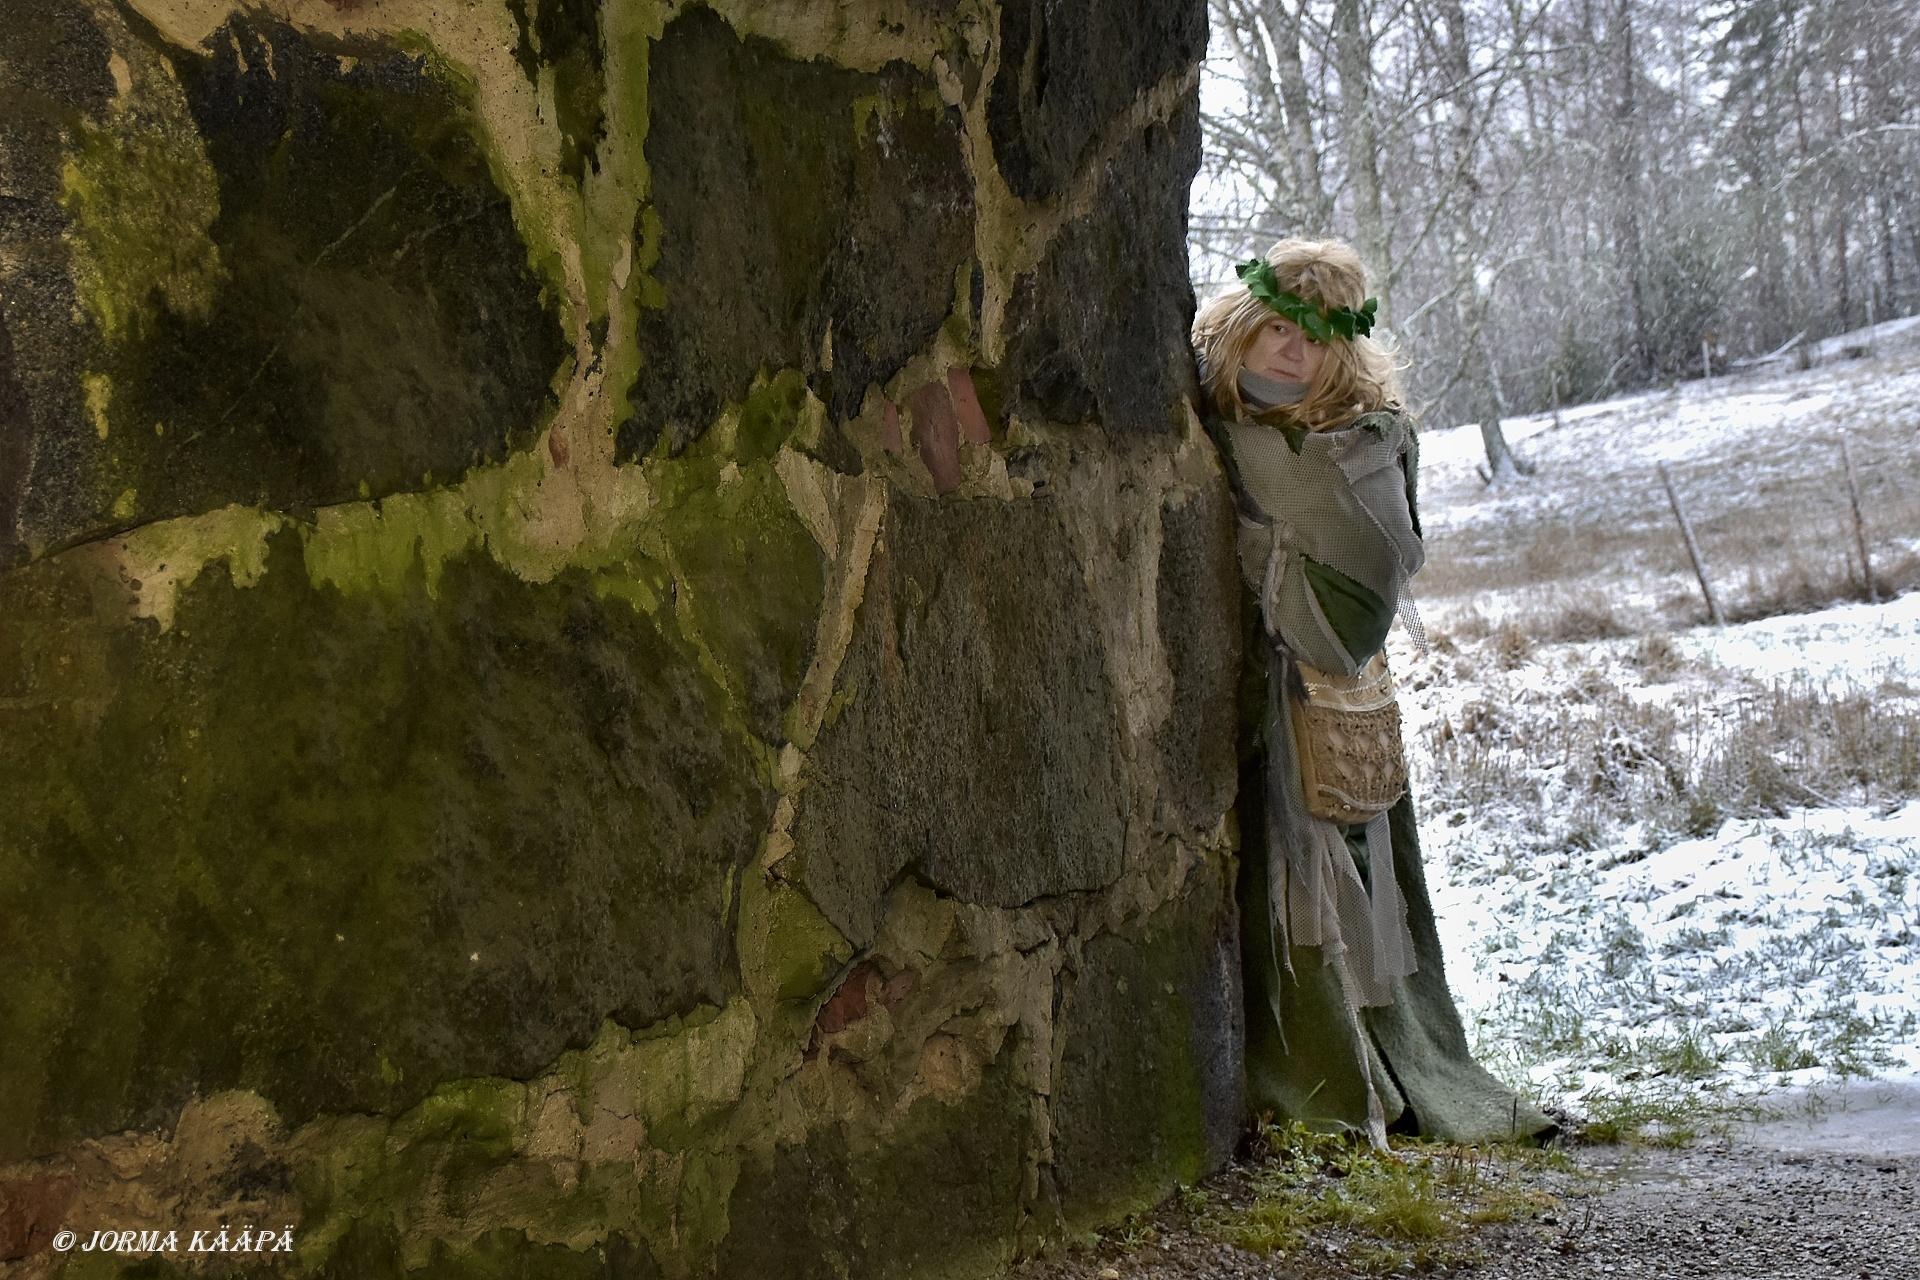 Metsänhaltija Taikametsän Tomero Mielikki Satatiedon tarinatuokio